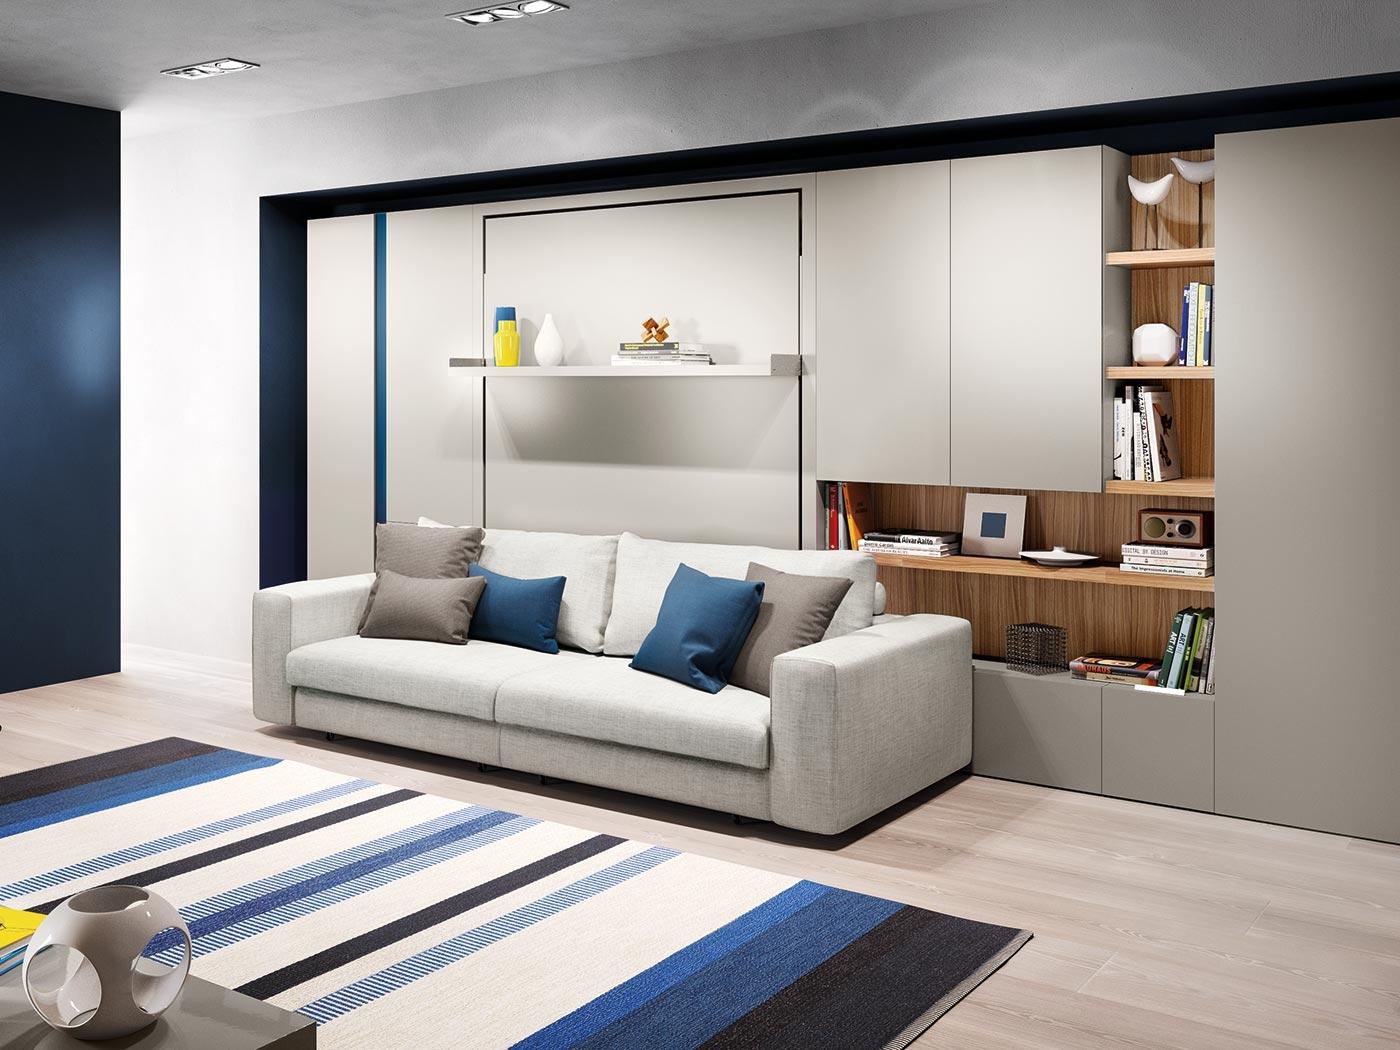 Clei letto tango 270 prezzo scontato outlet letti a - Clei divano letto ...